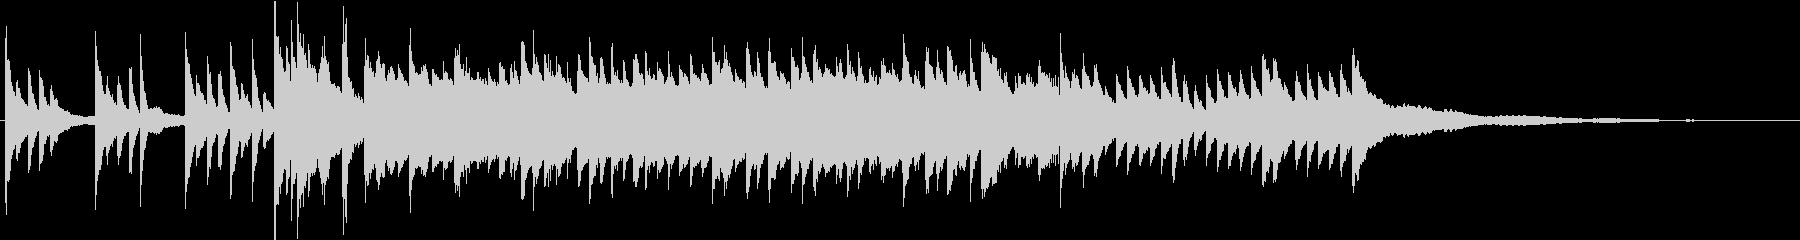 切ないブライダルBGM60秒ピアノソロの未再生の波形